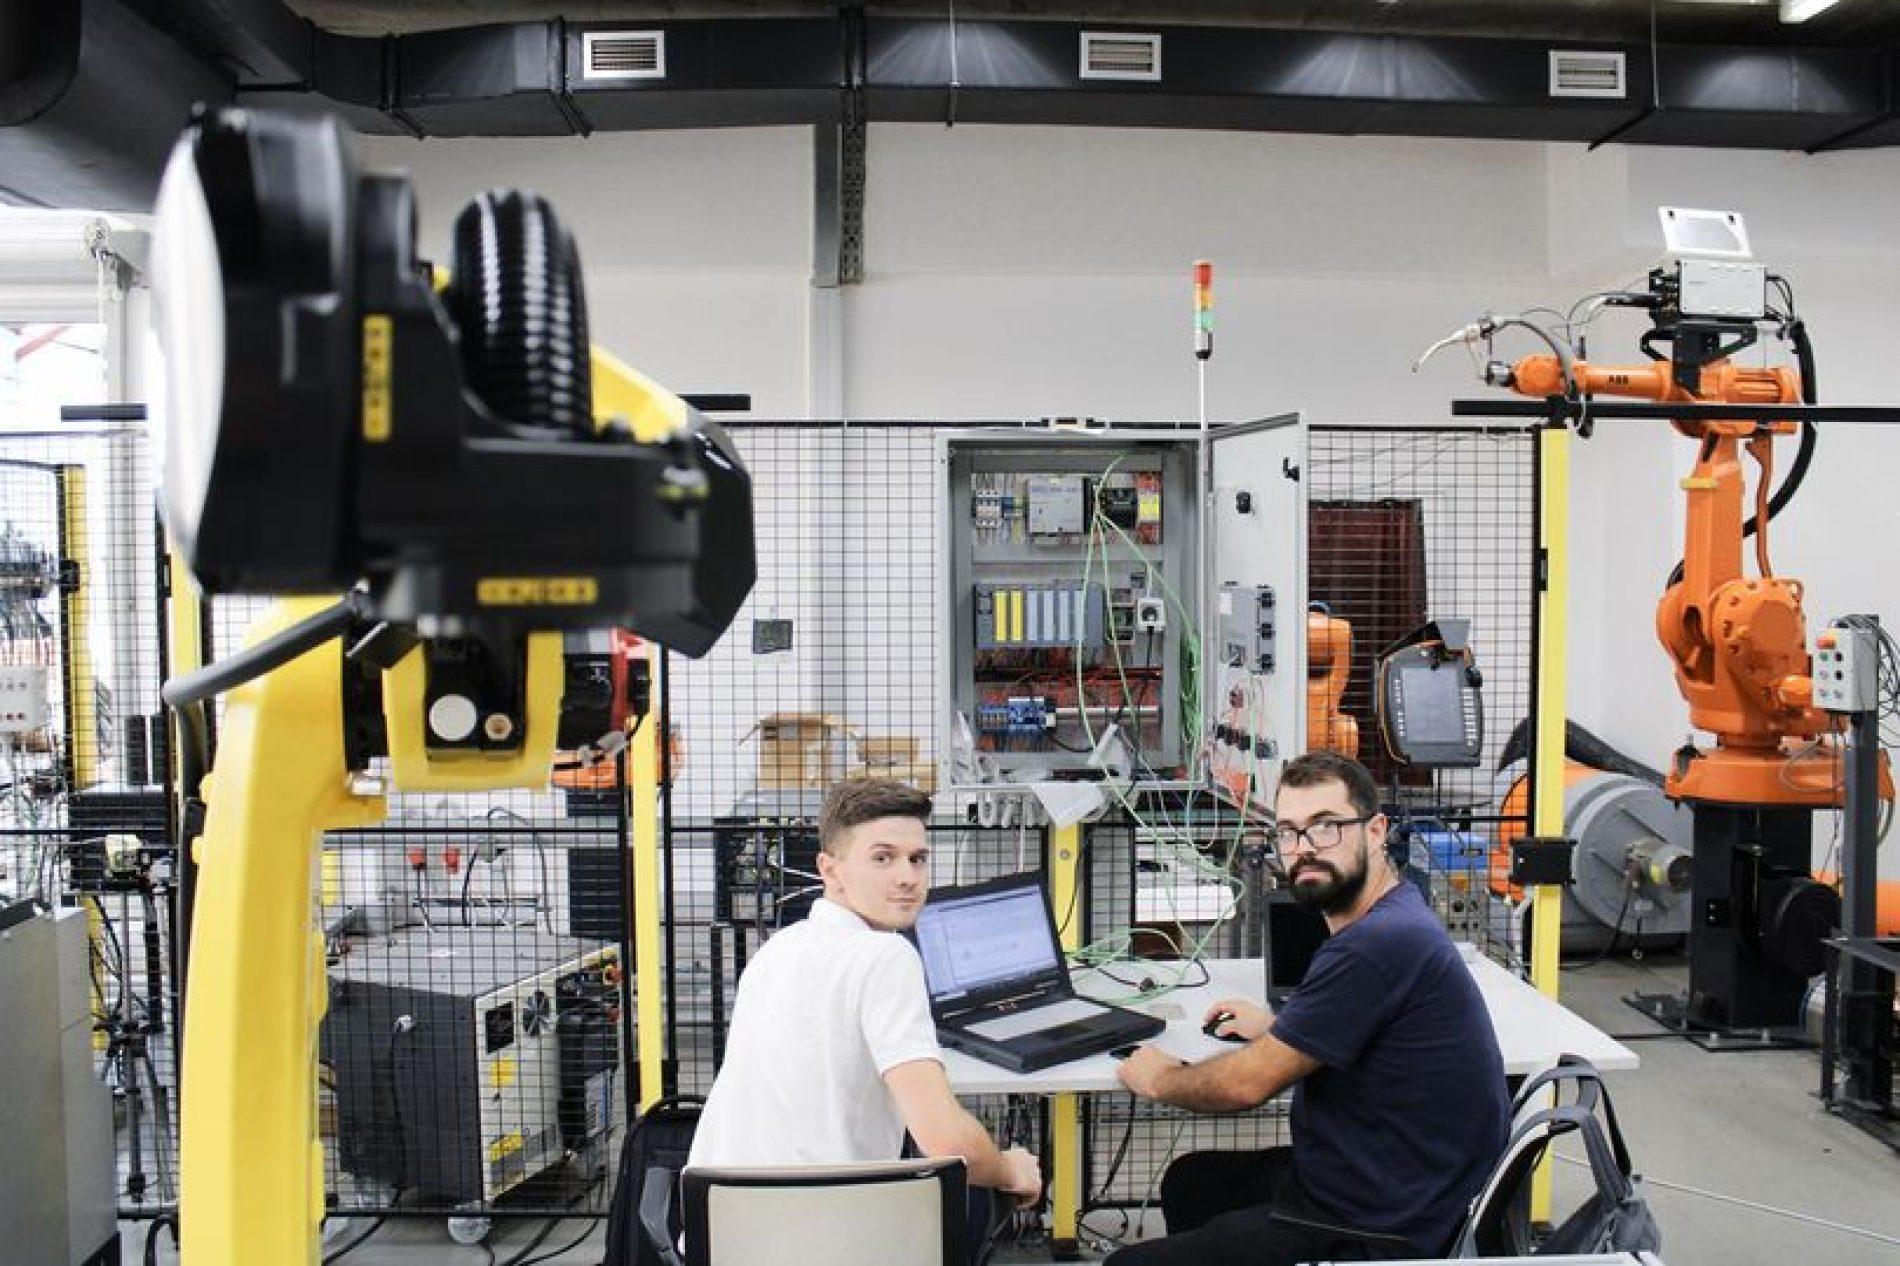 U Bosni roboti postepeno odmjenjuju radnike (Video)